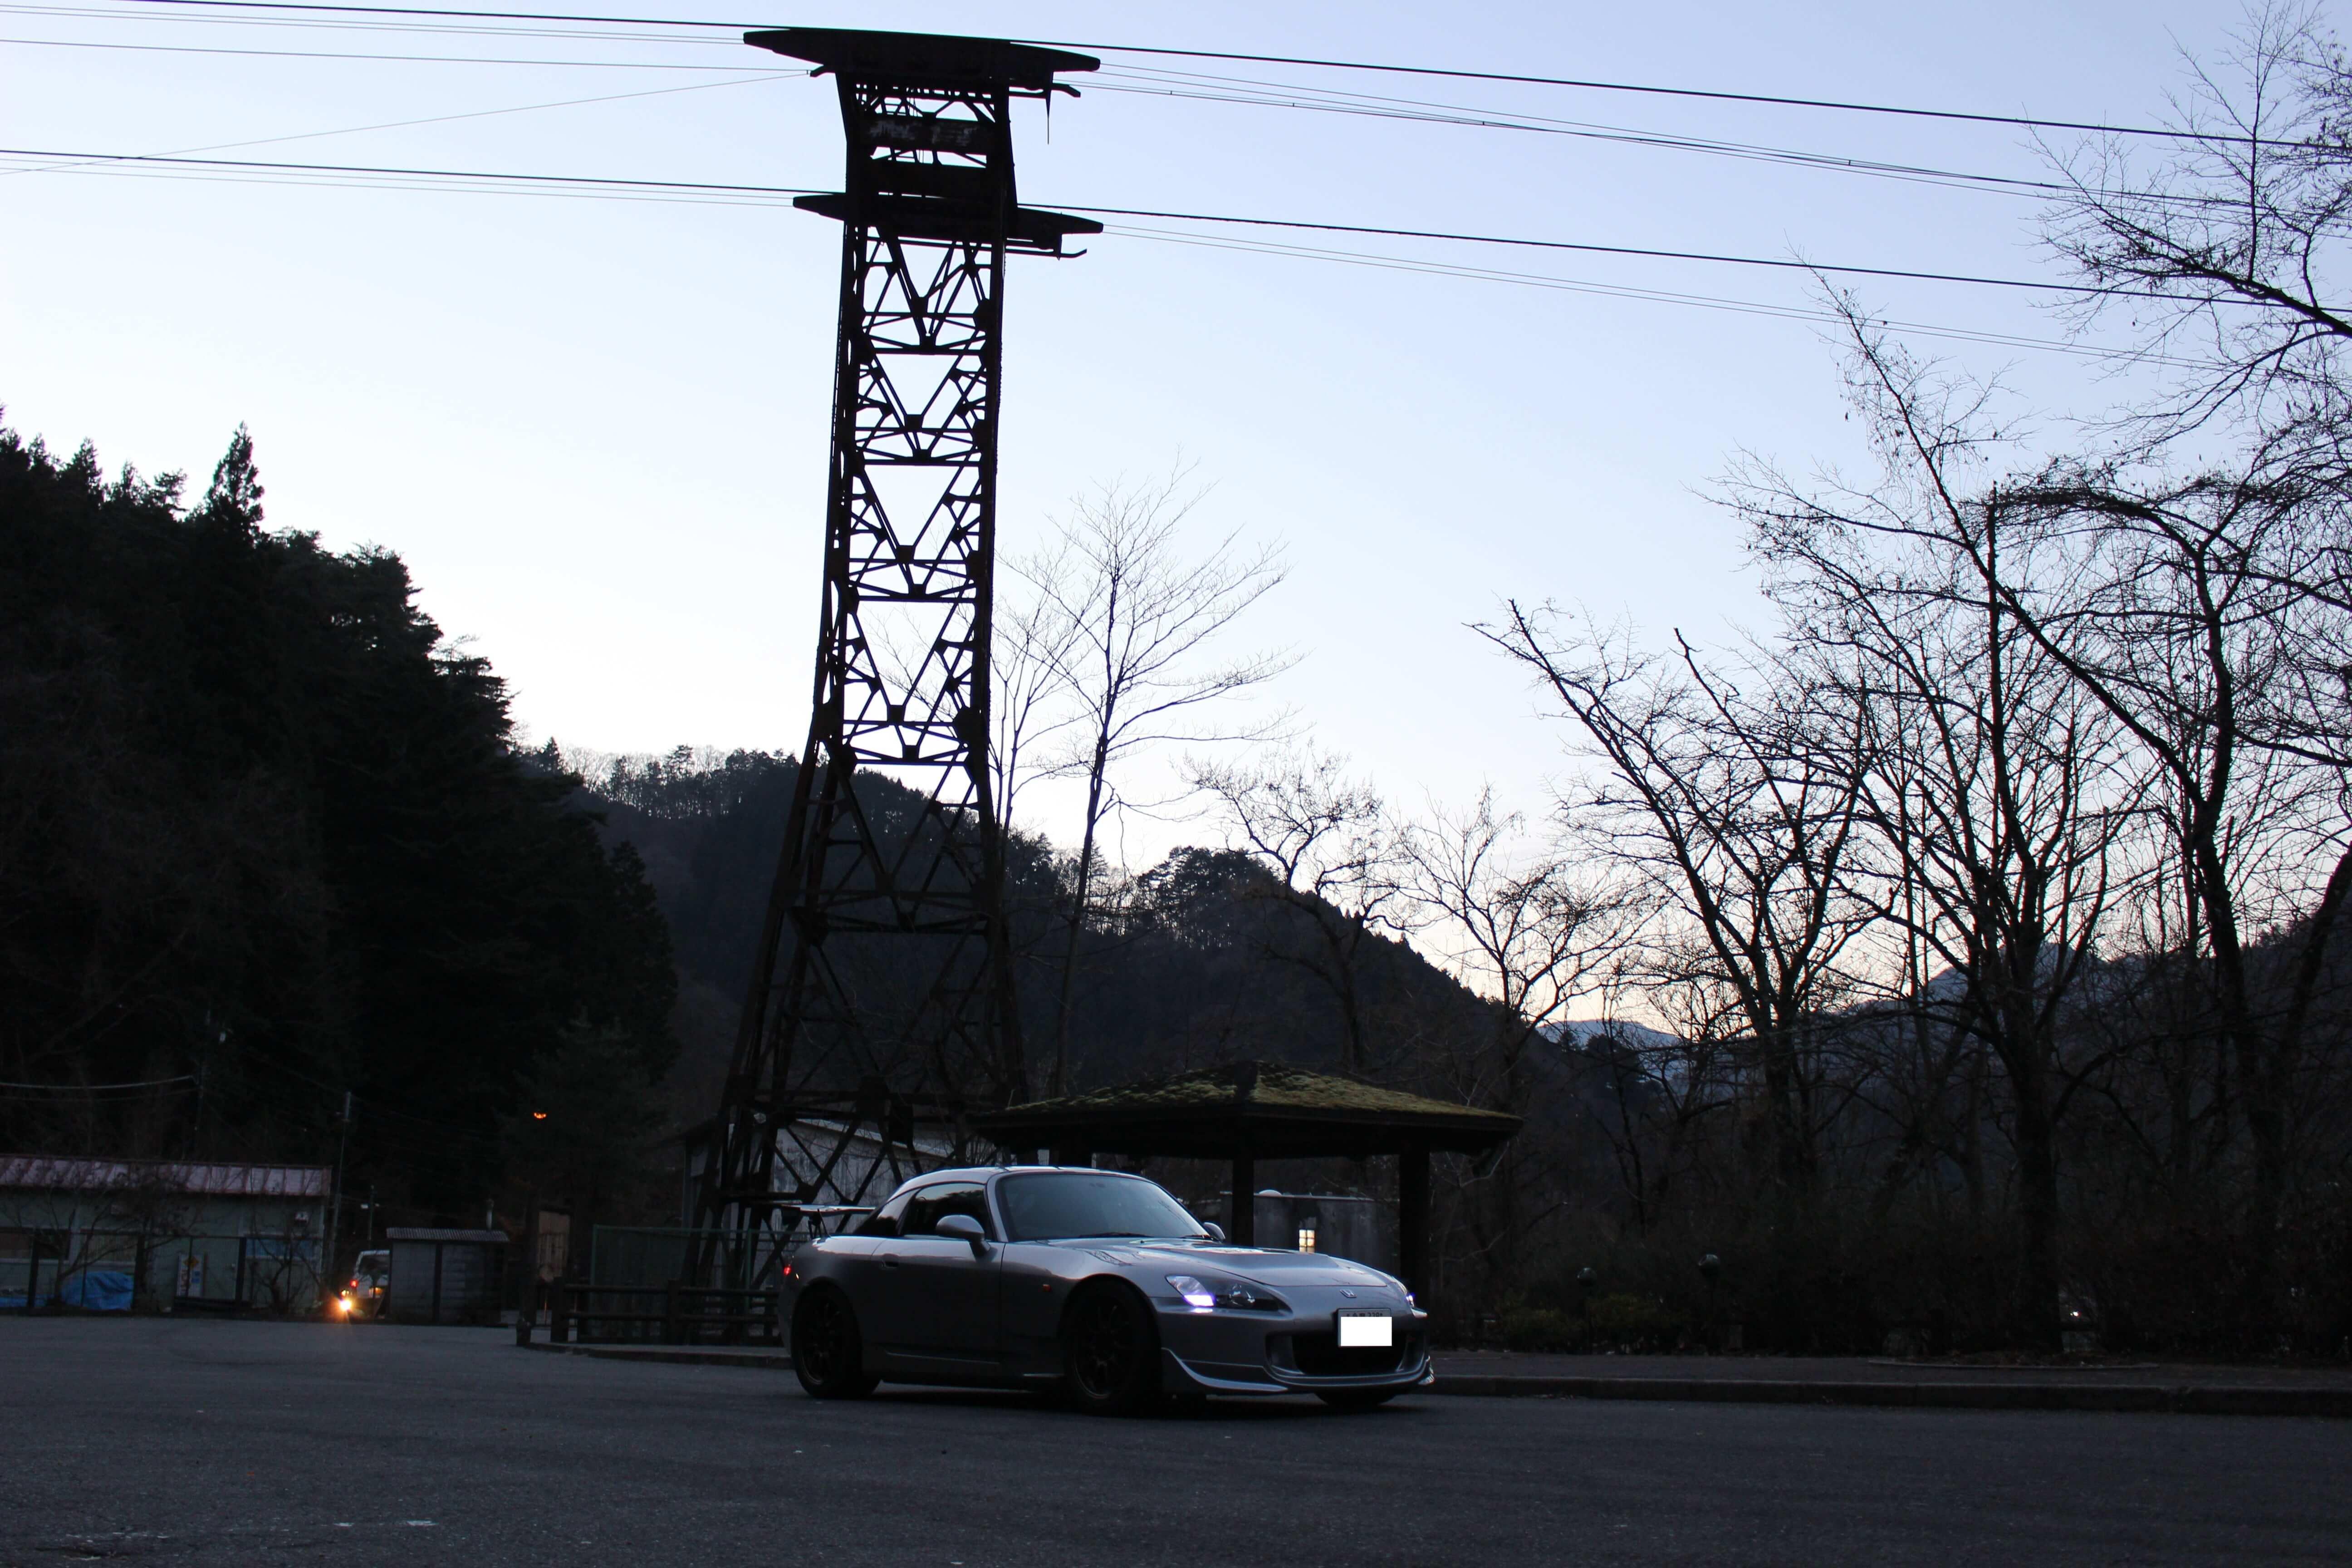 奥多摩周遊道路 川野駐車場画像